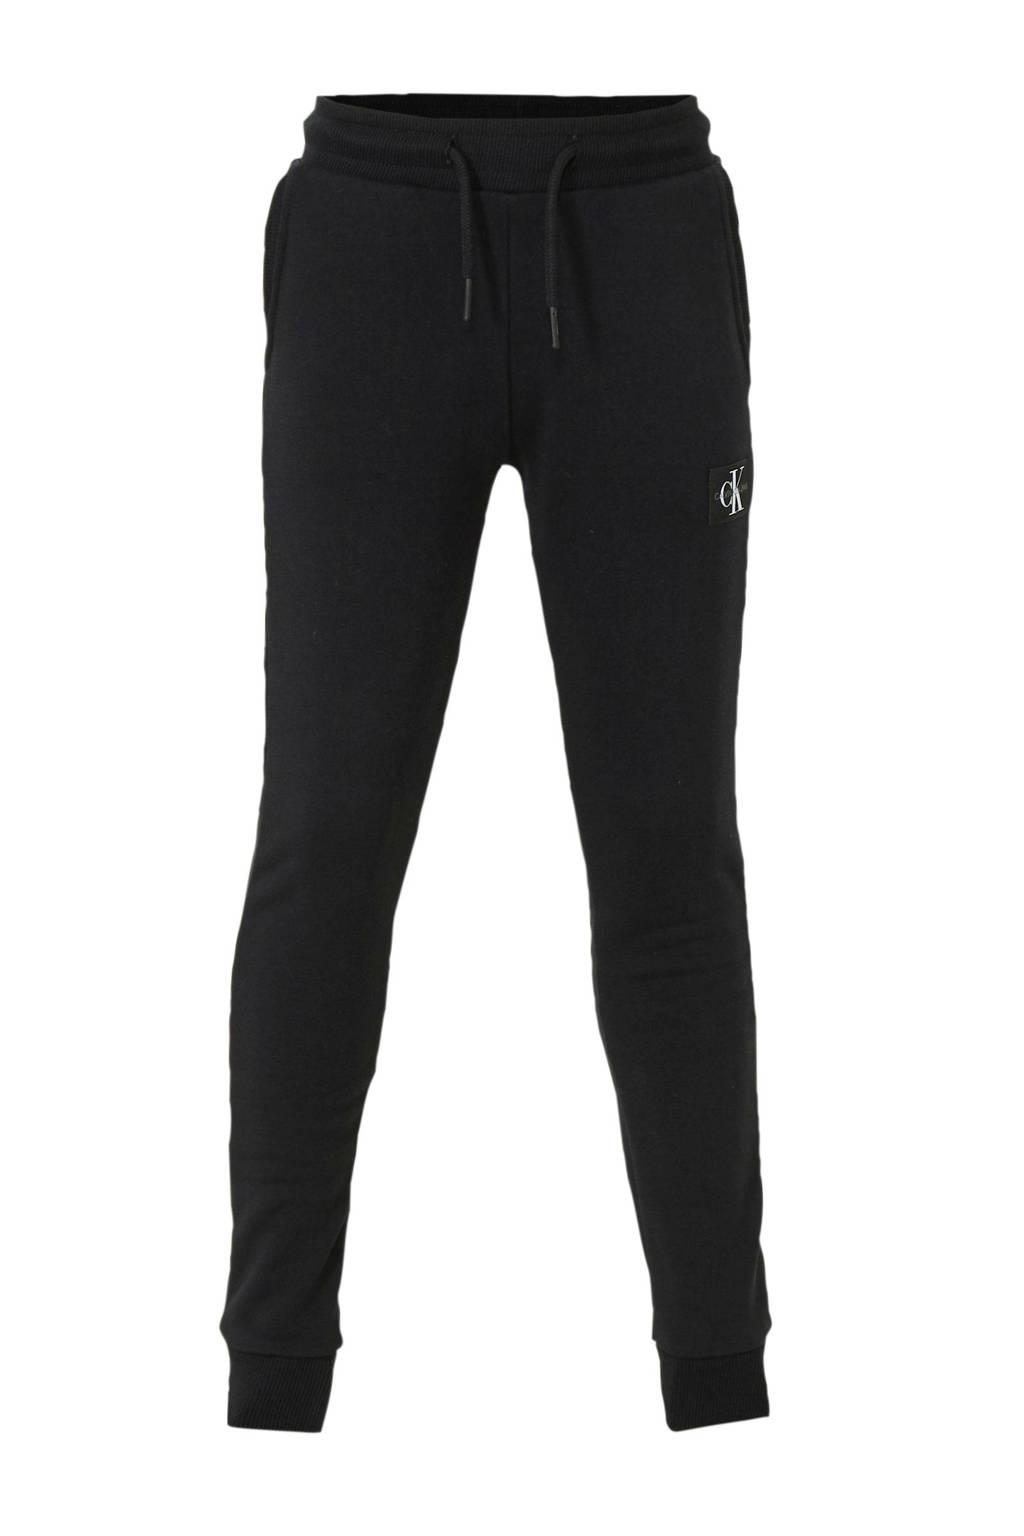 CALVIN KLEIN JEANS   joggingbroek met logo zwart, Zwart